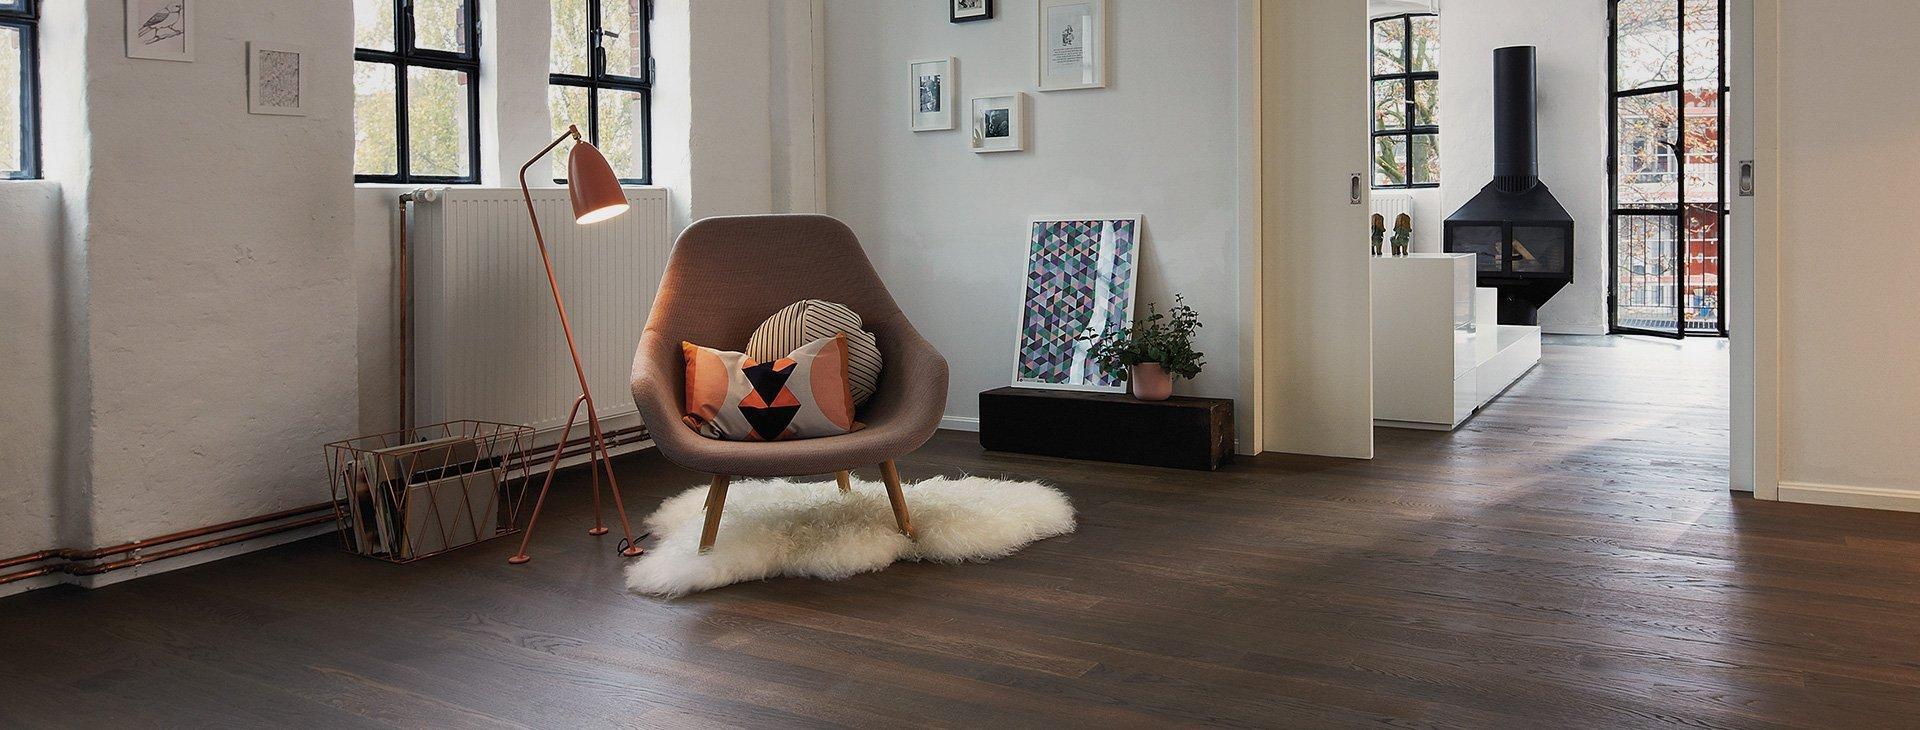 bauwerk parkett ihre stores im stilwerk berlin. Black Bedroom Furniture Sets. Home Design Ideas